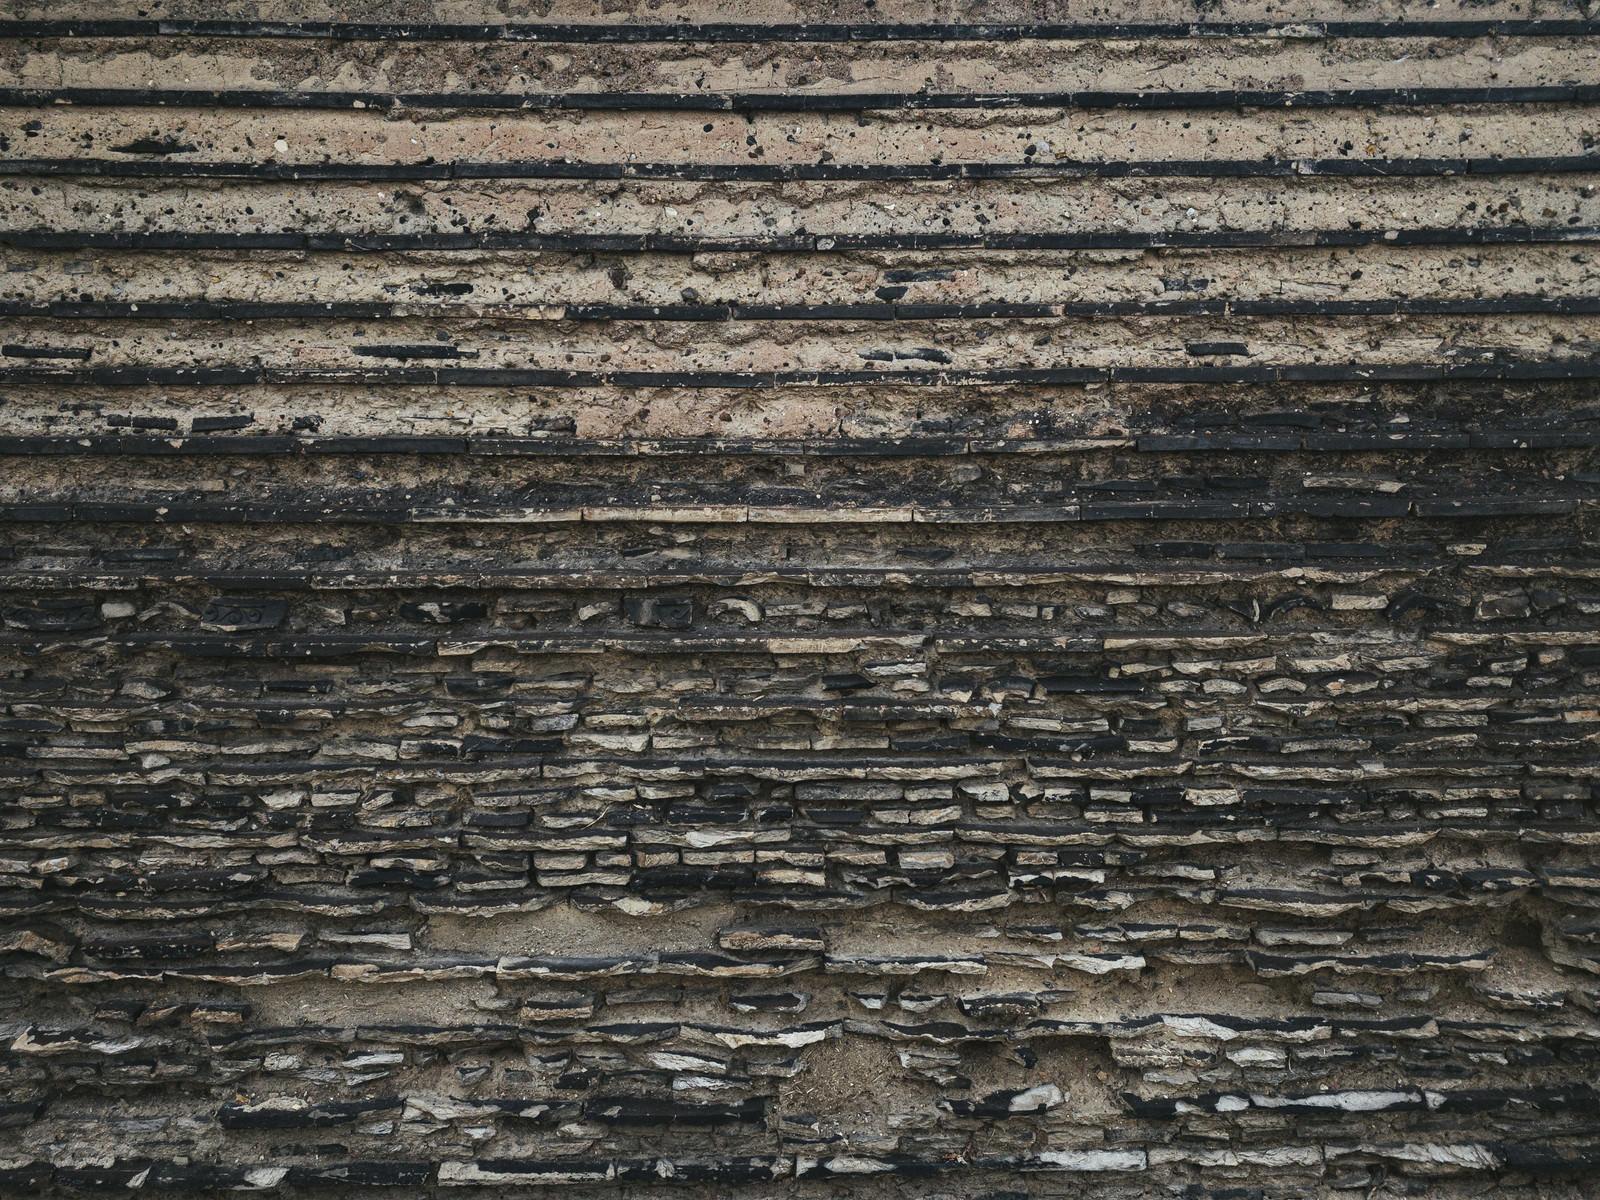 「崩れかけた壁」の写真